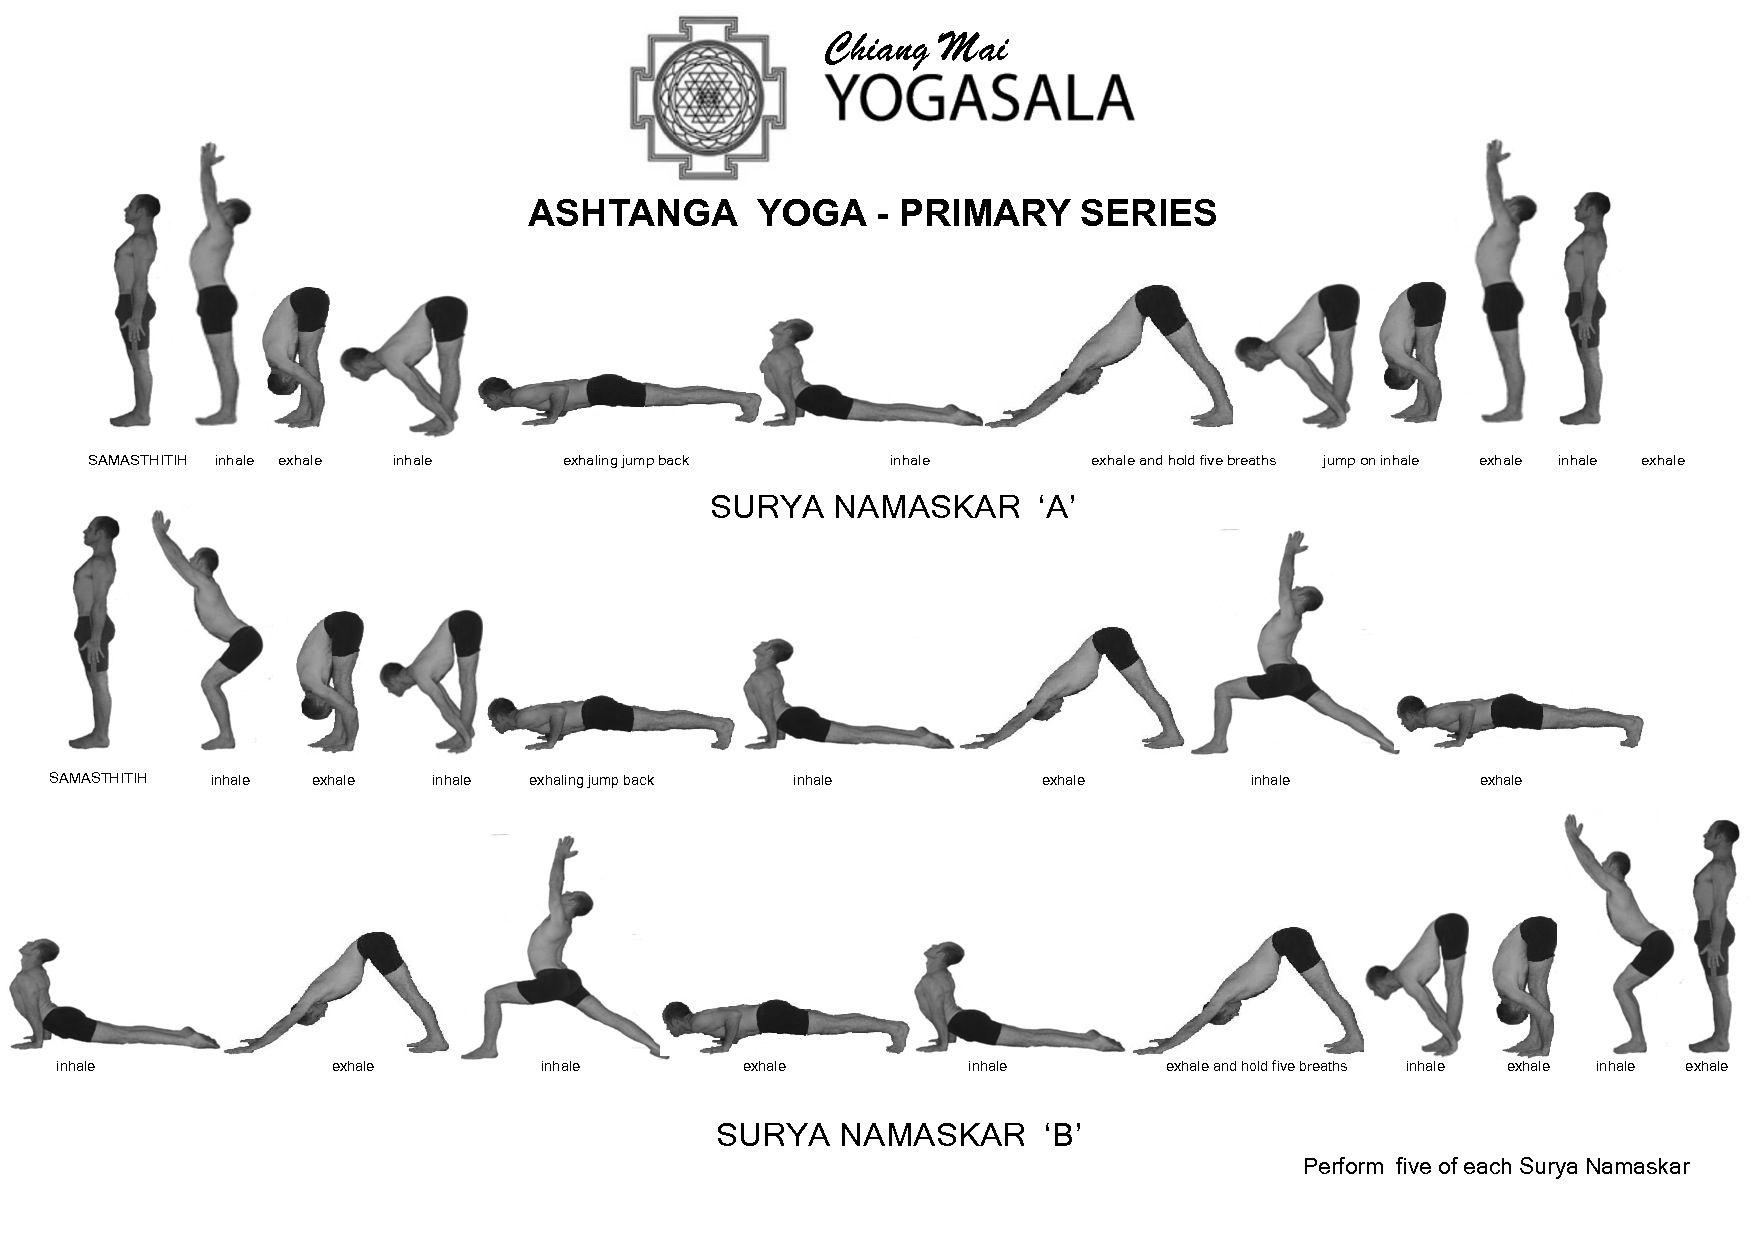 Ashtanga Yoga - yoga for beginners yoga poses yoga weight ...